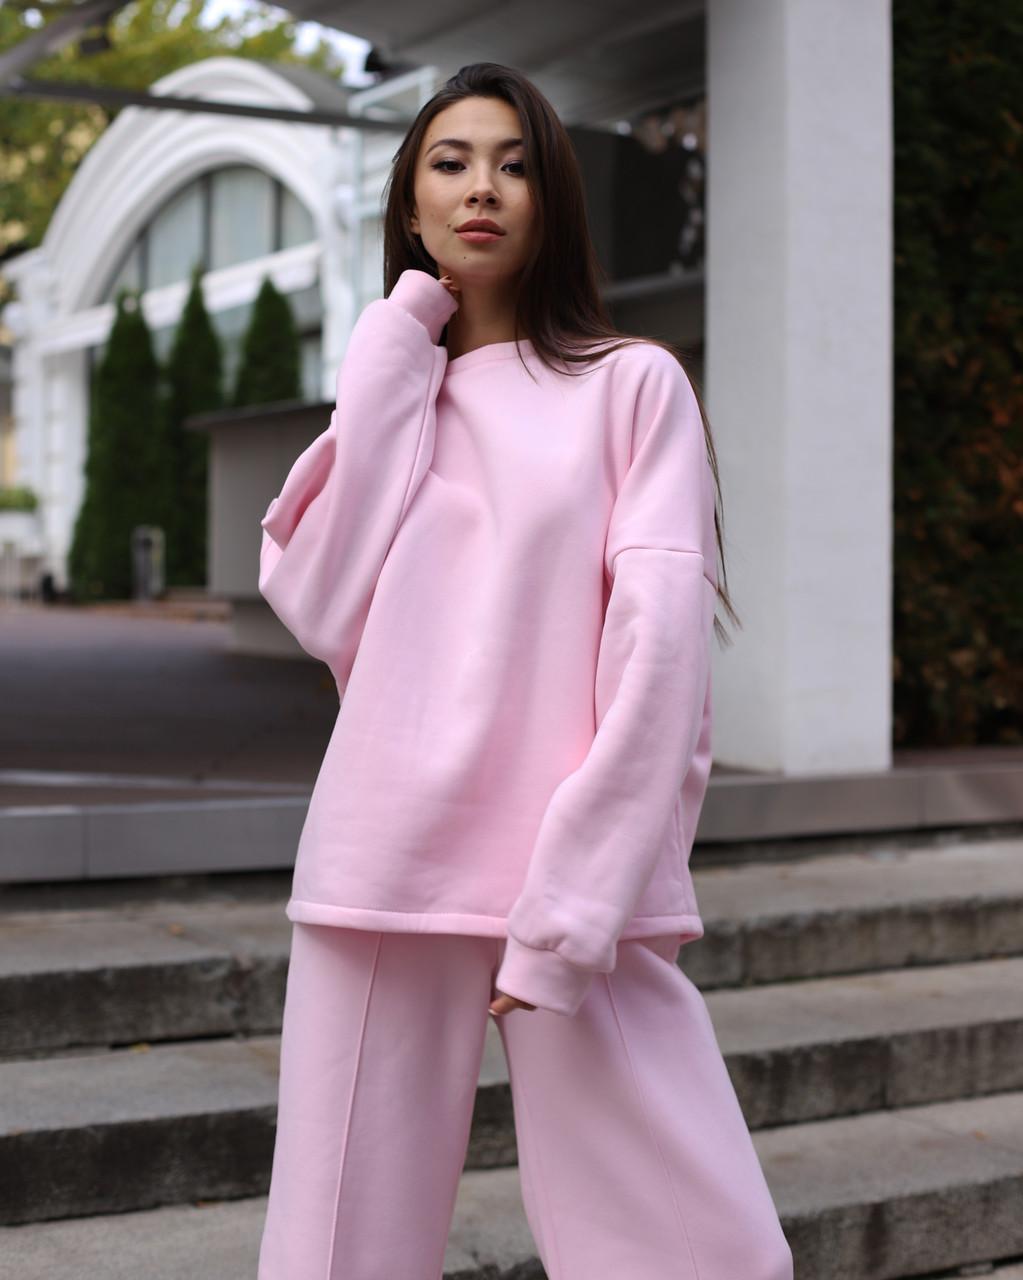 Свитош женский розовый Джин от бренда ТУР размер S-M